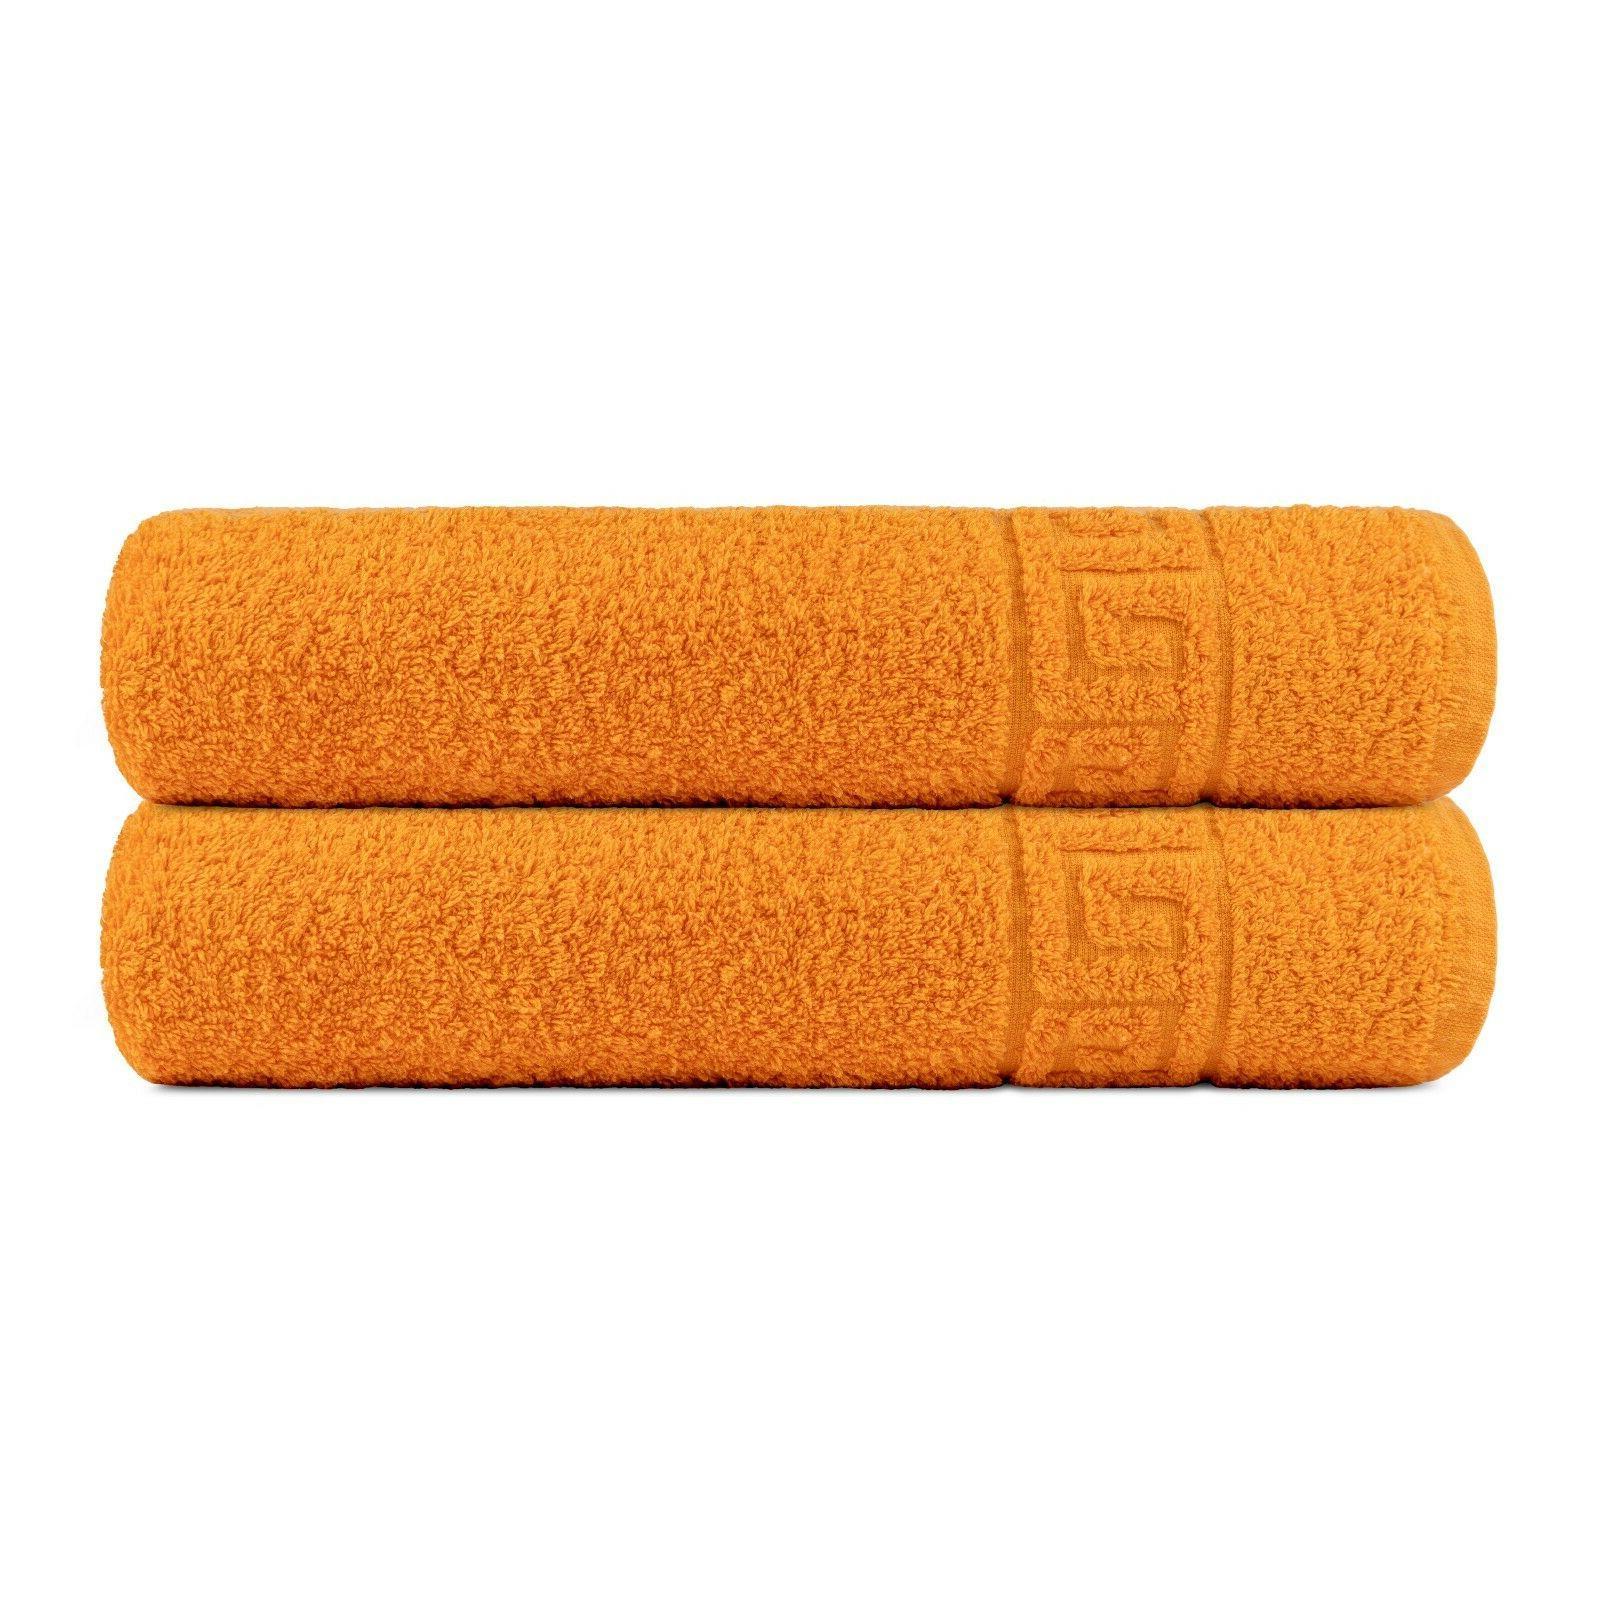 bath towels set 2 bath and 2